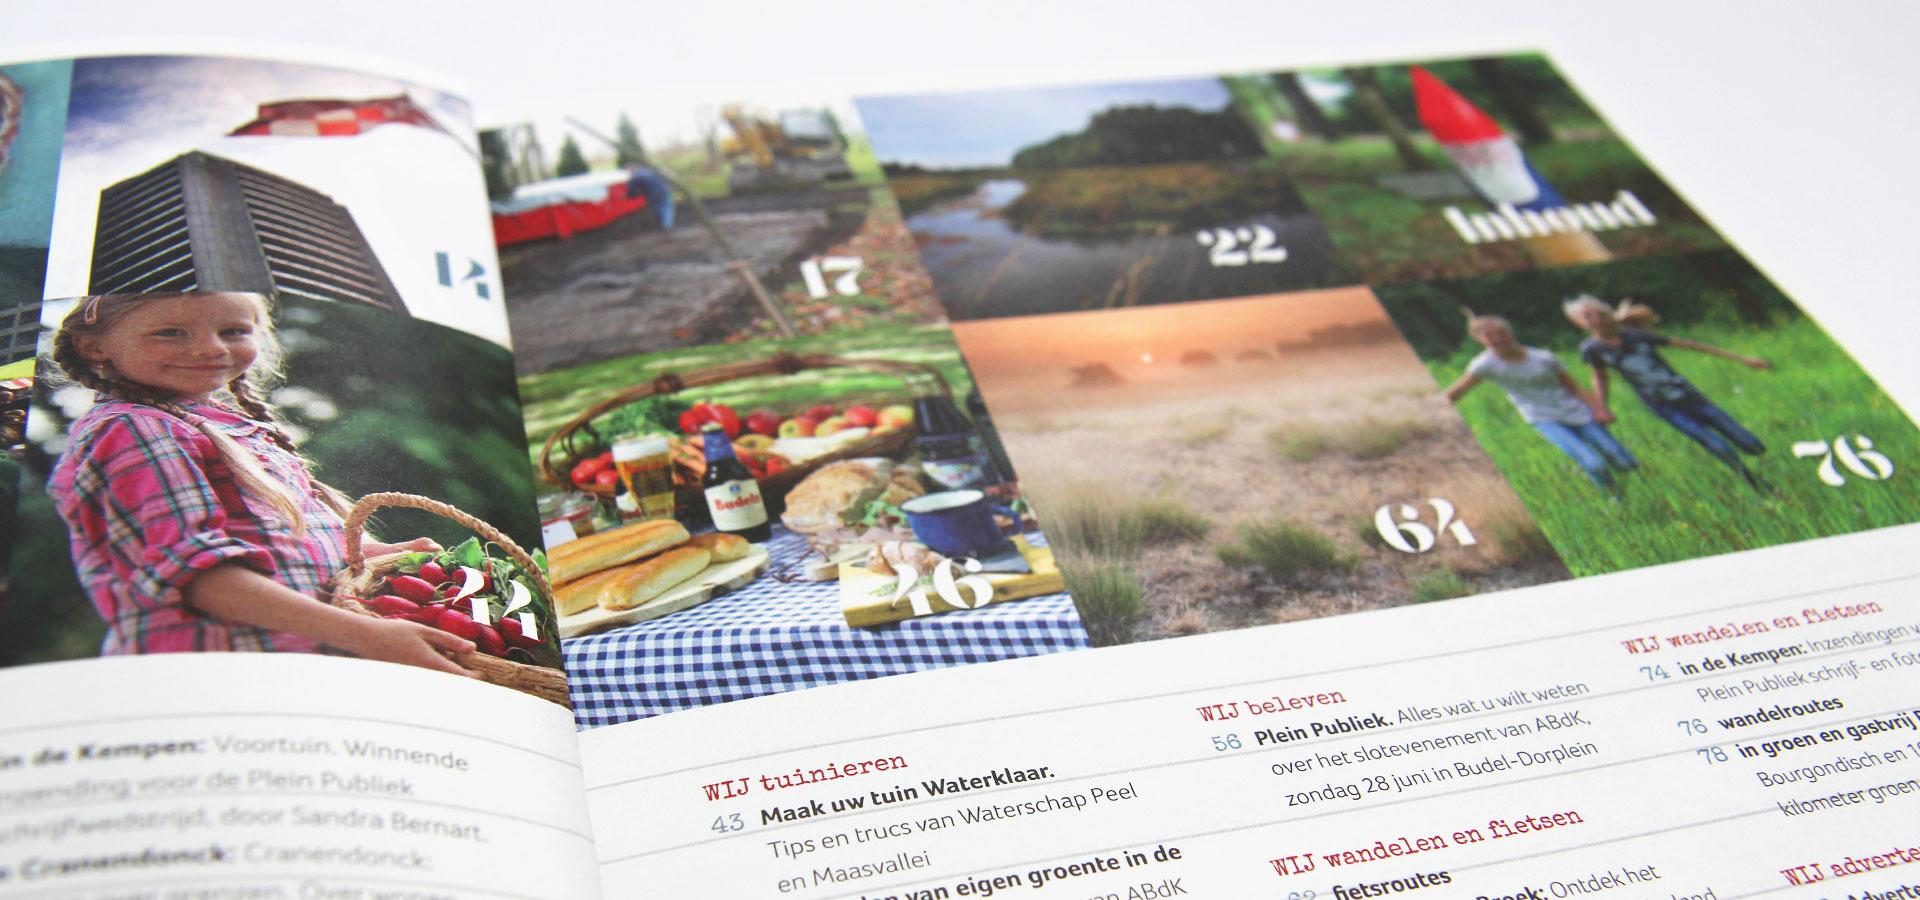 HOOGHTIJ_Wij-actief-in-de-Kempen_magazine_1